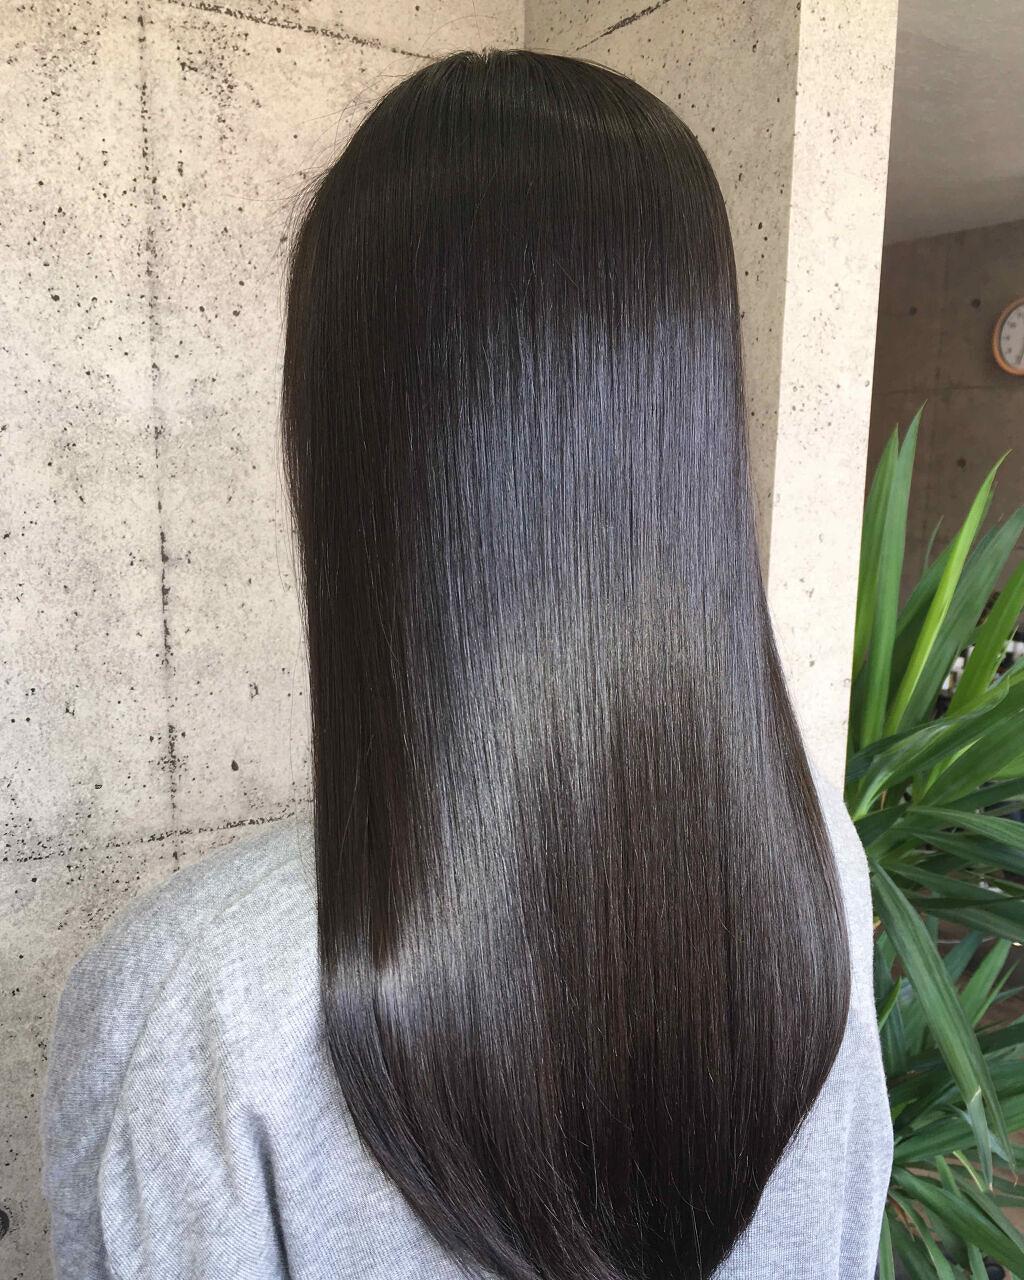 髪のパサつきケア対策【保存版】改善方法やおすすめシャンプー・トリートメント/オイル/スタイリング剤のサムネイル